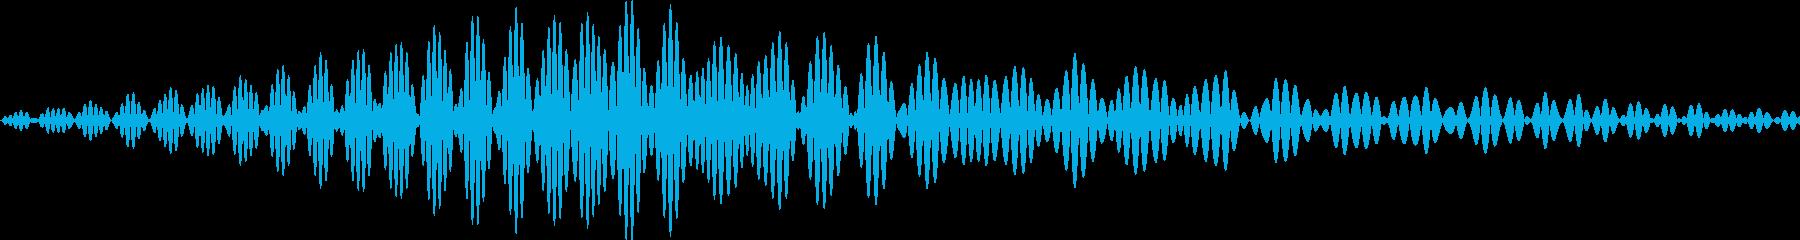 アプリのタッチ音にの再生済みの波形